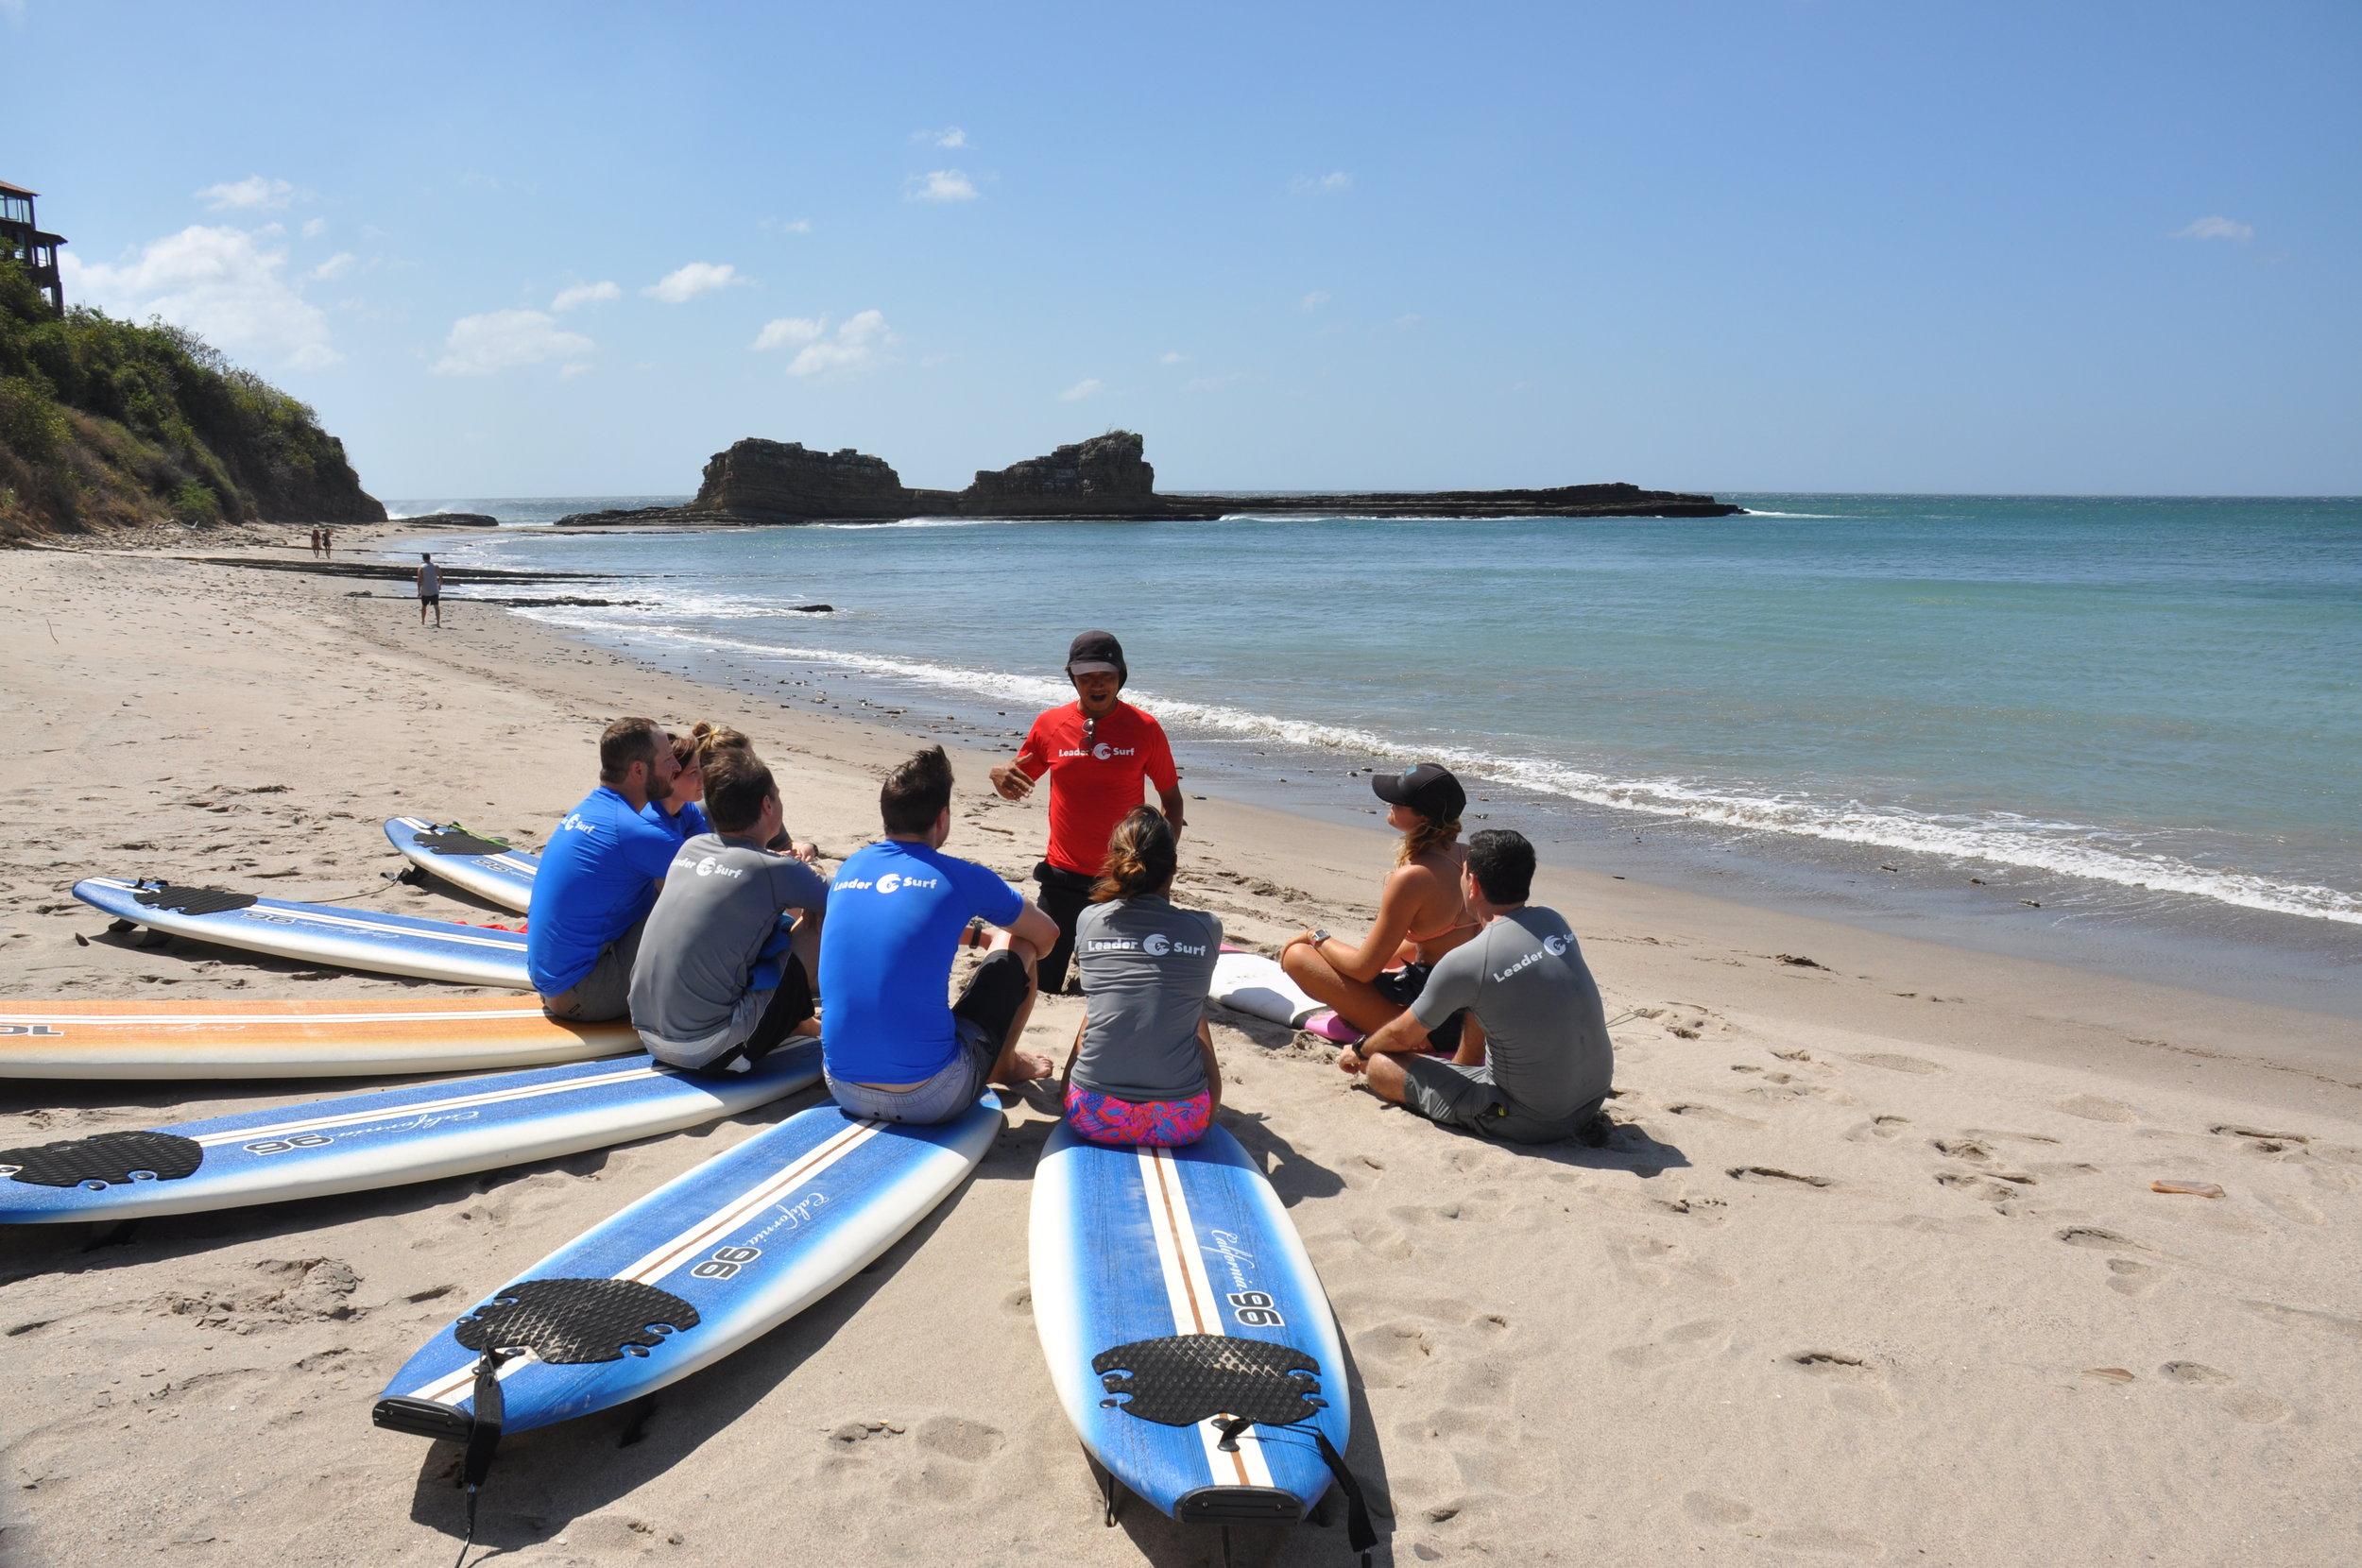 Erol teaching surfing 101